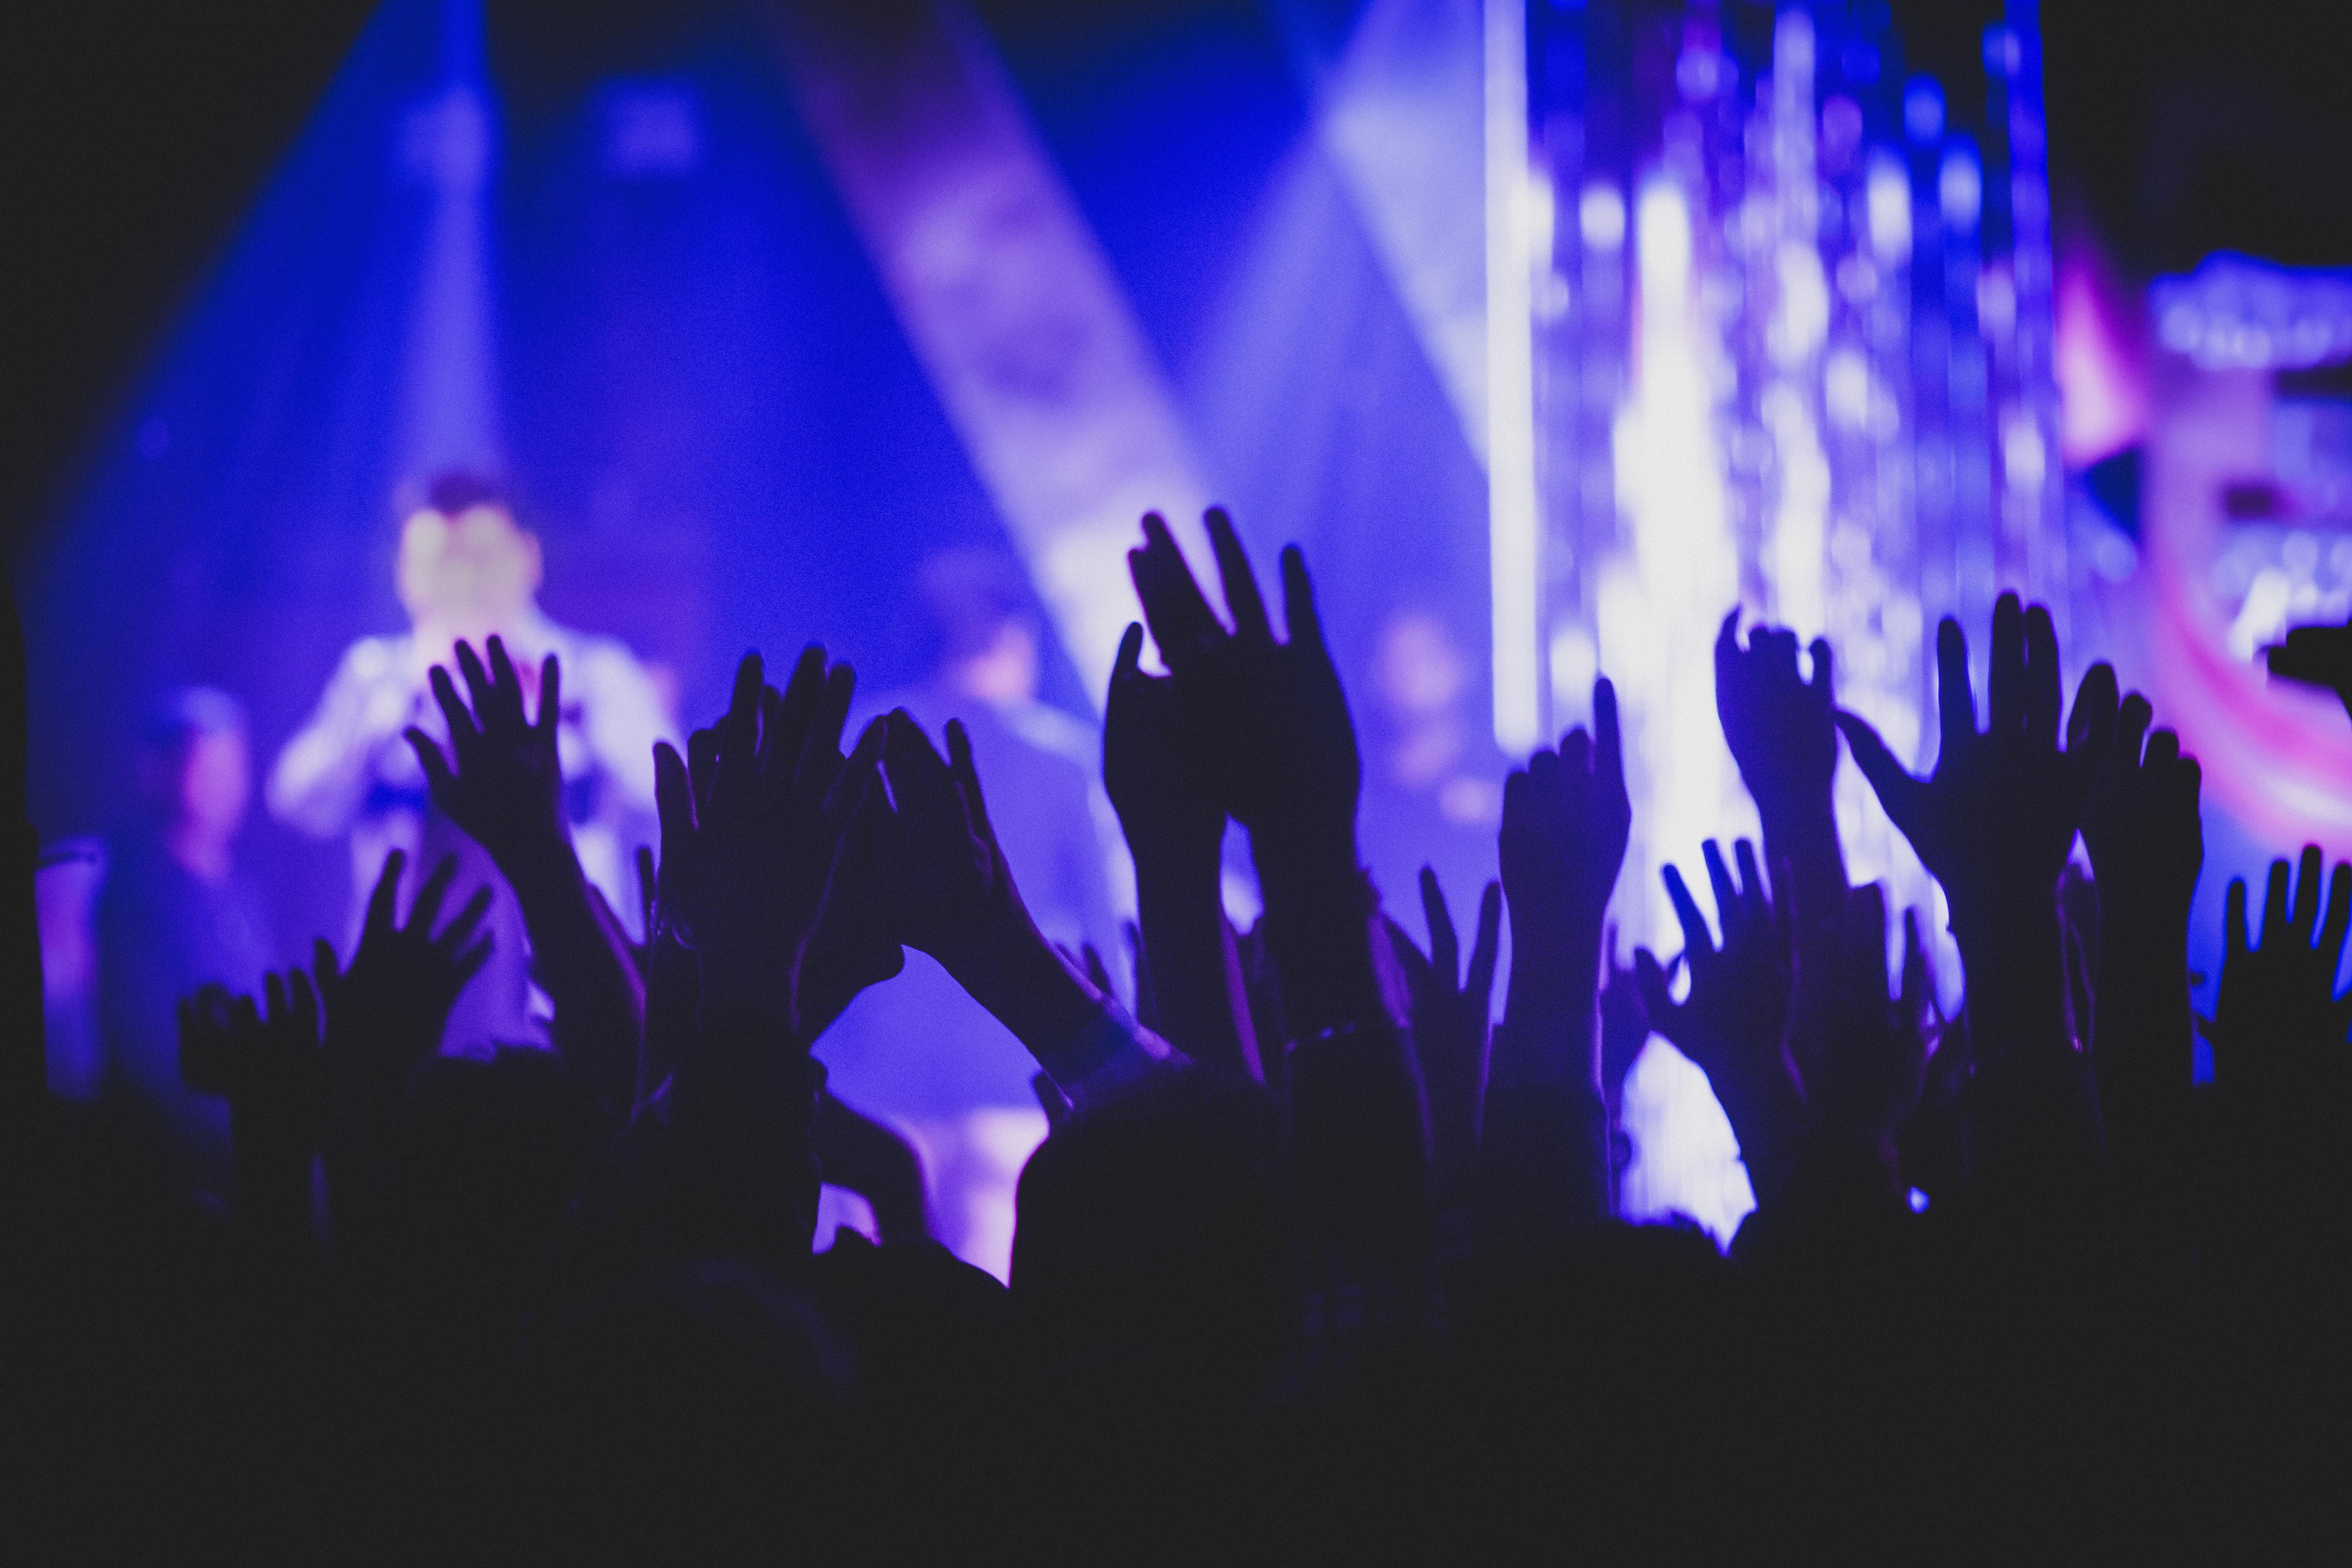 audience-blur-concert-1652353